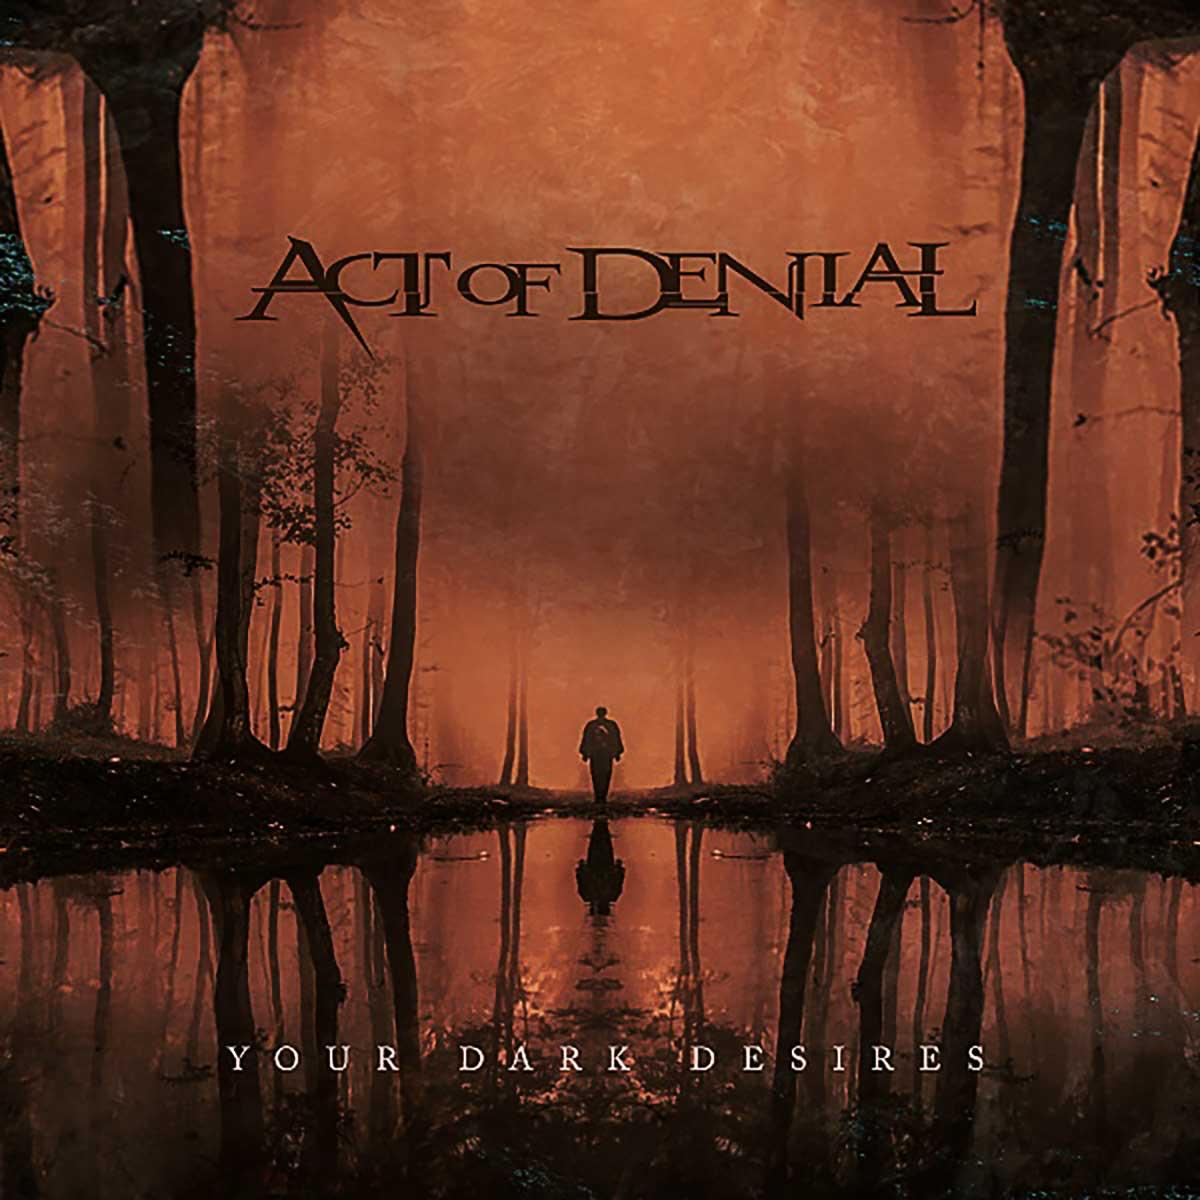 Act of Denial - Your Dark Desires